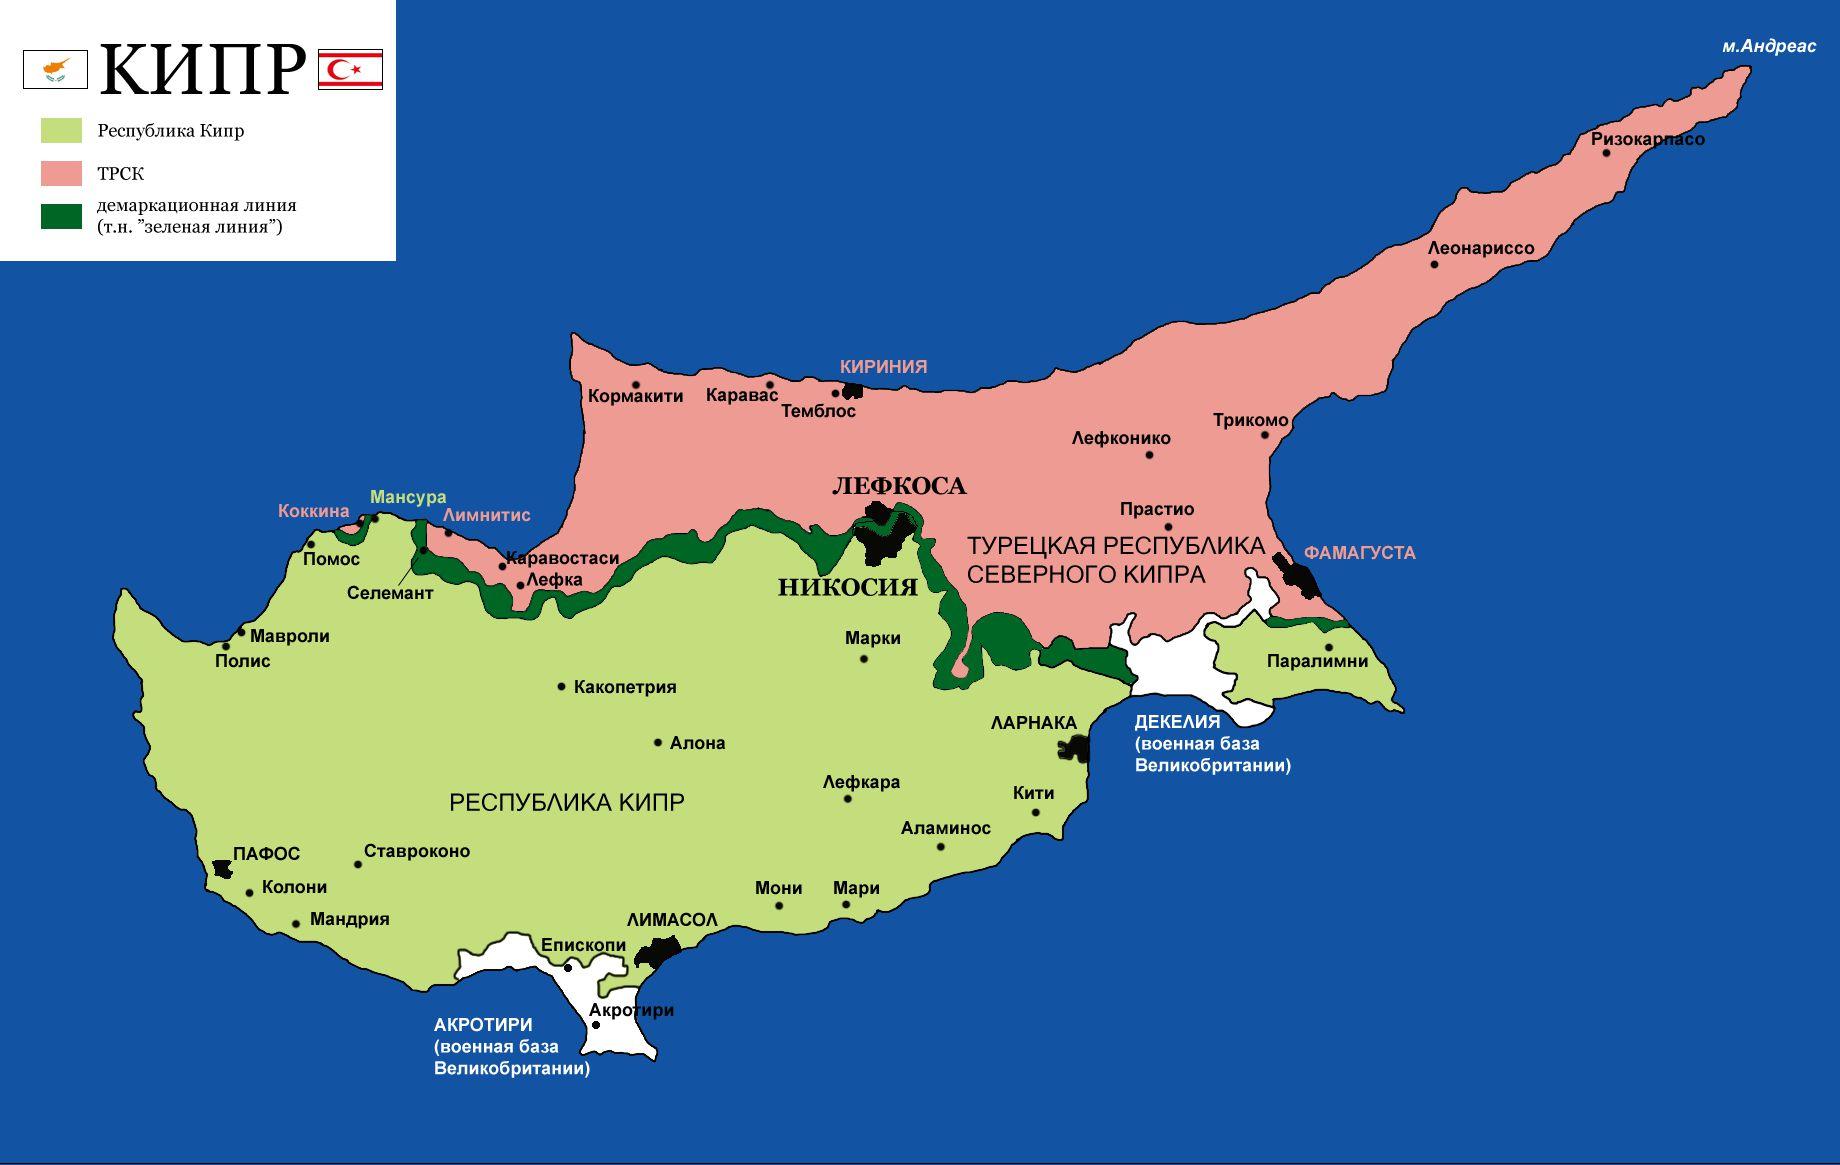 CYPRUS_MAP Мой отдых на Кипре